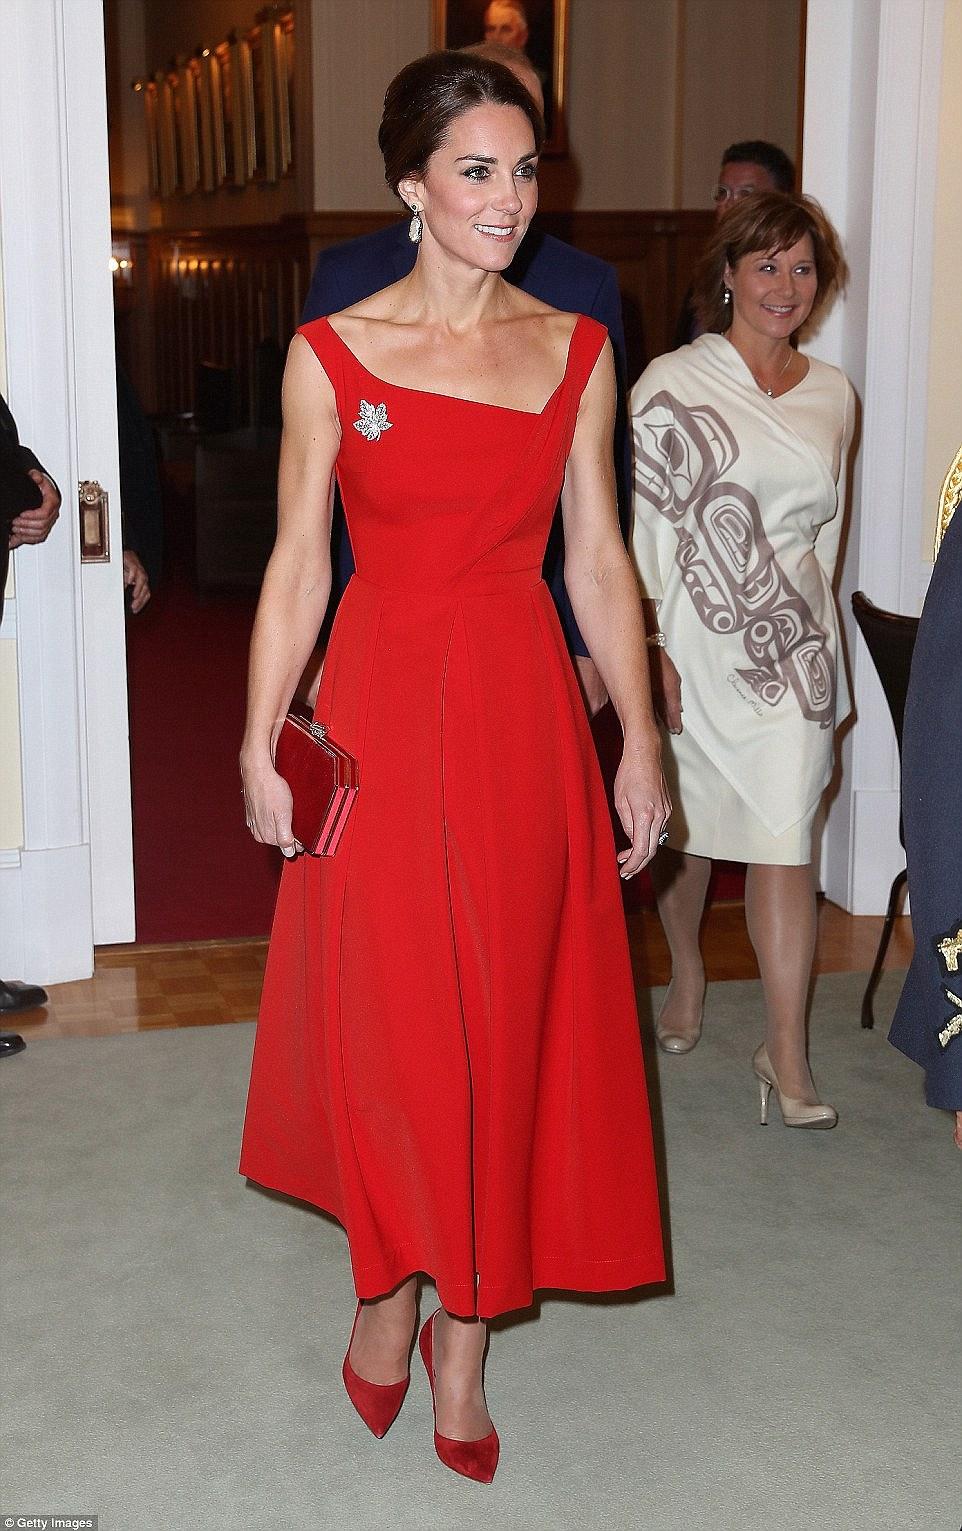 Công nương Kate cũng như chúng mình, mê váy áo quá thì mua tận mấy màu về mặc dần thôi... - Ảnh 4.